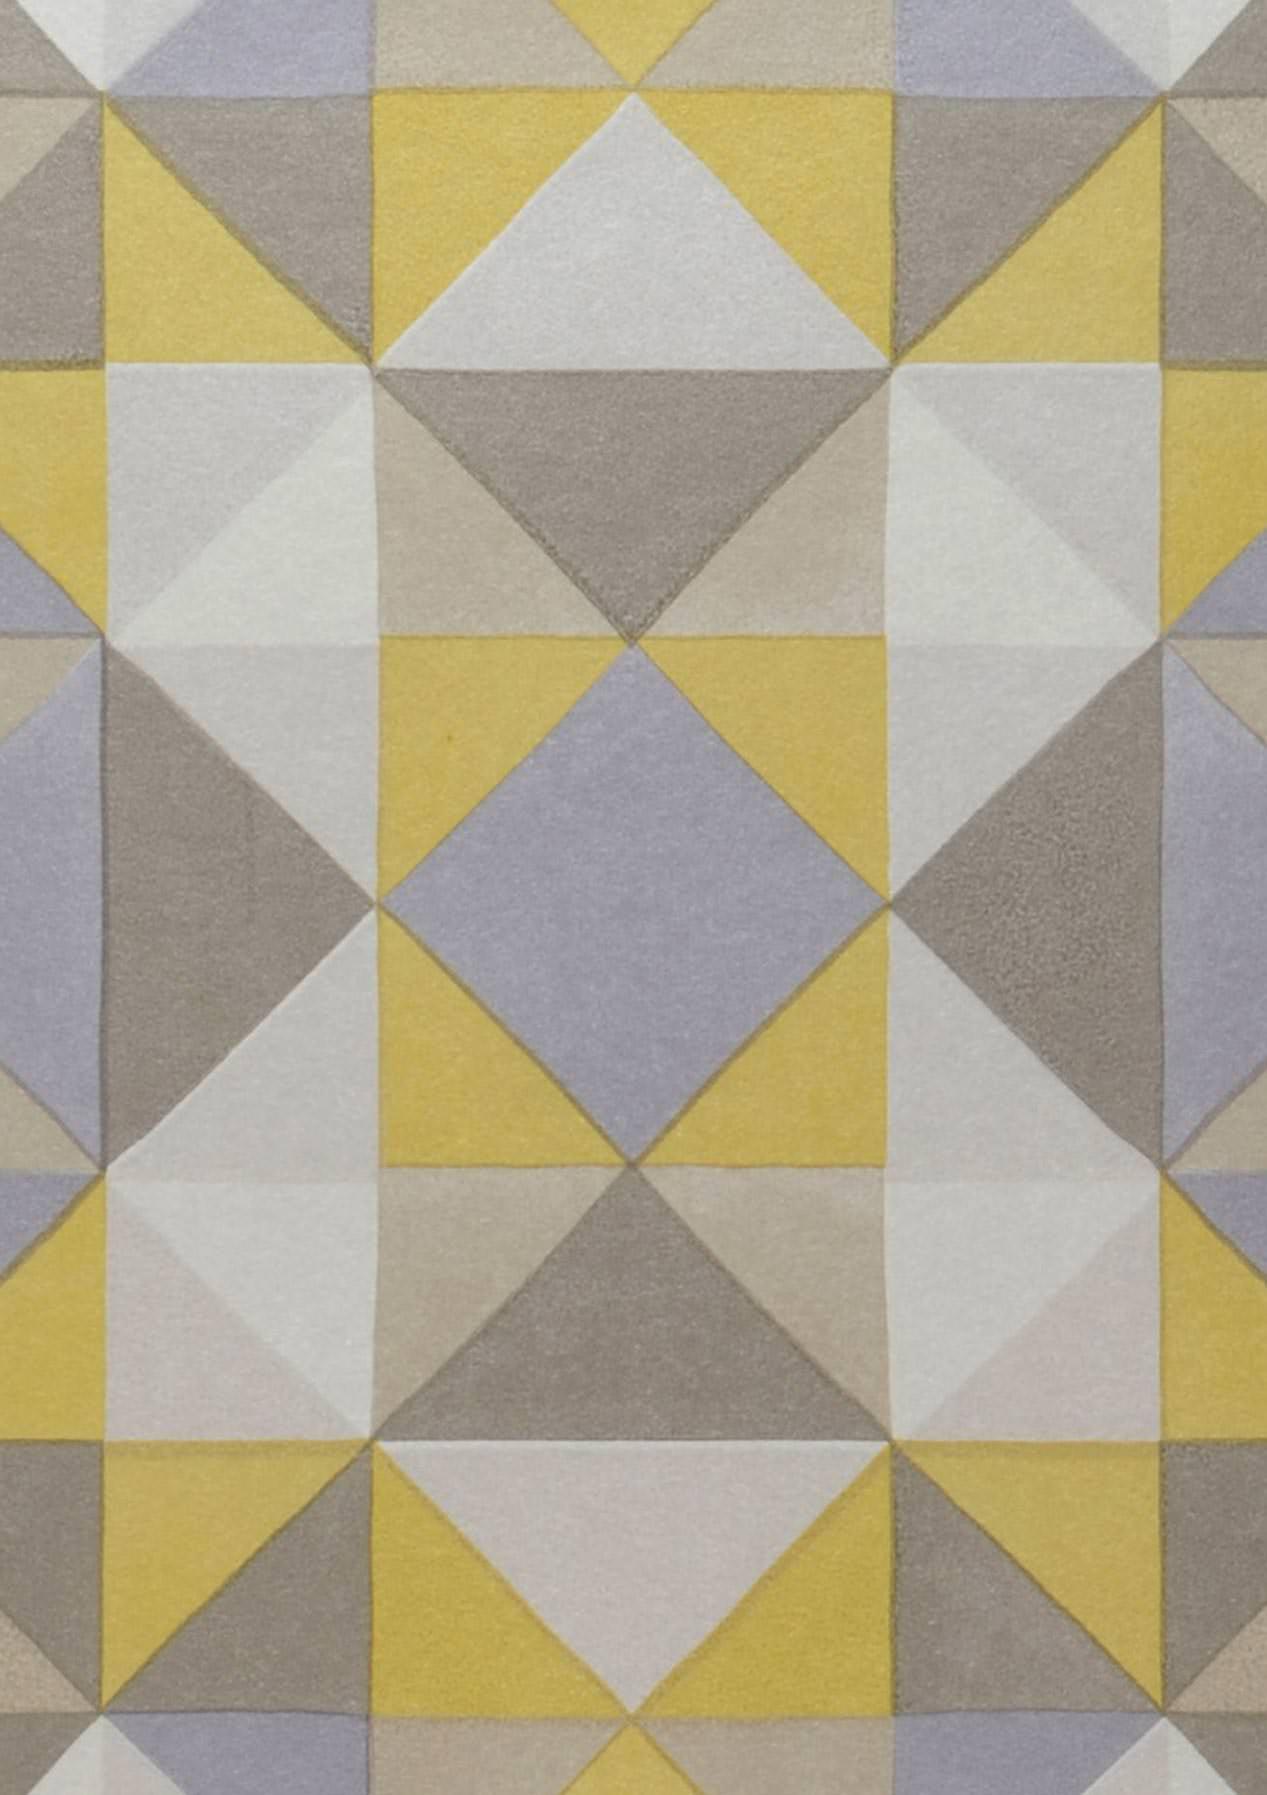 Papier peint sirius gris beige beige gris m re nacr e jaune citron papier peint des ann es 70 - Largeur d un rouleau de papier peint ...